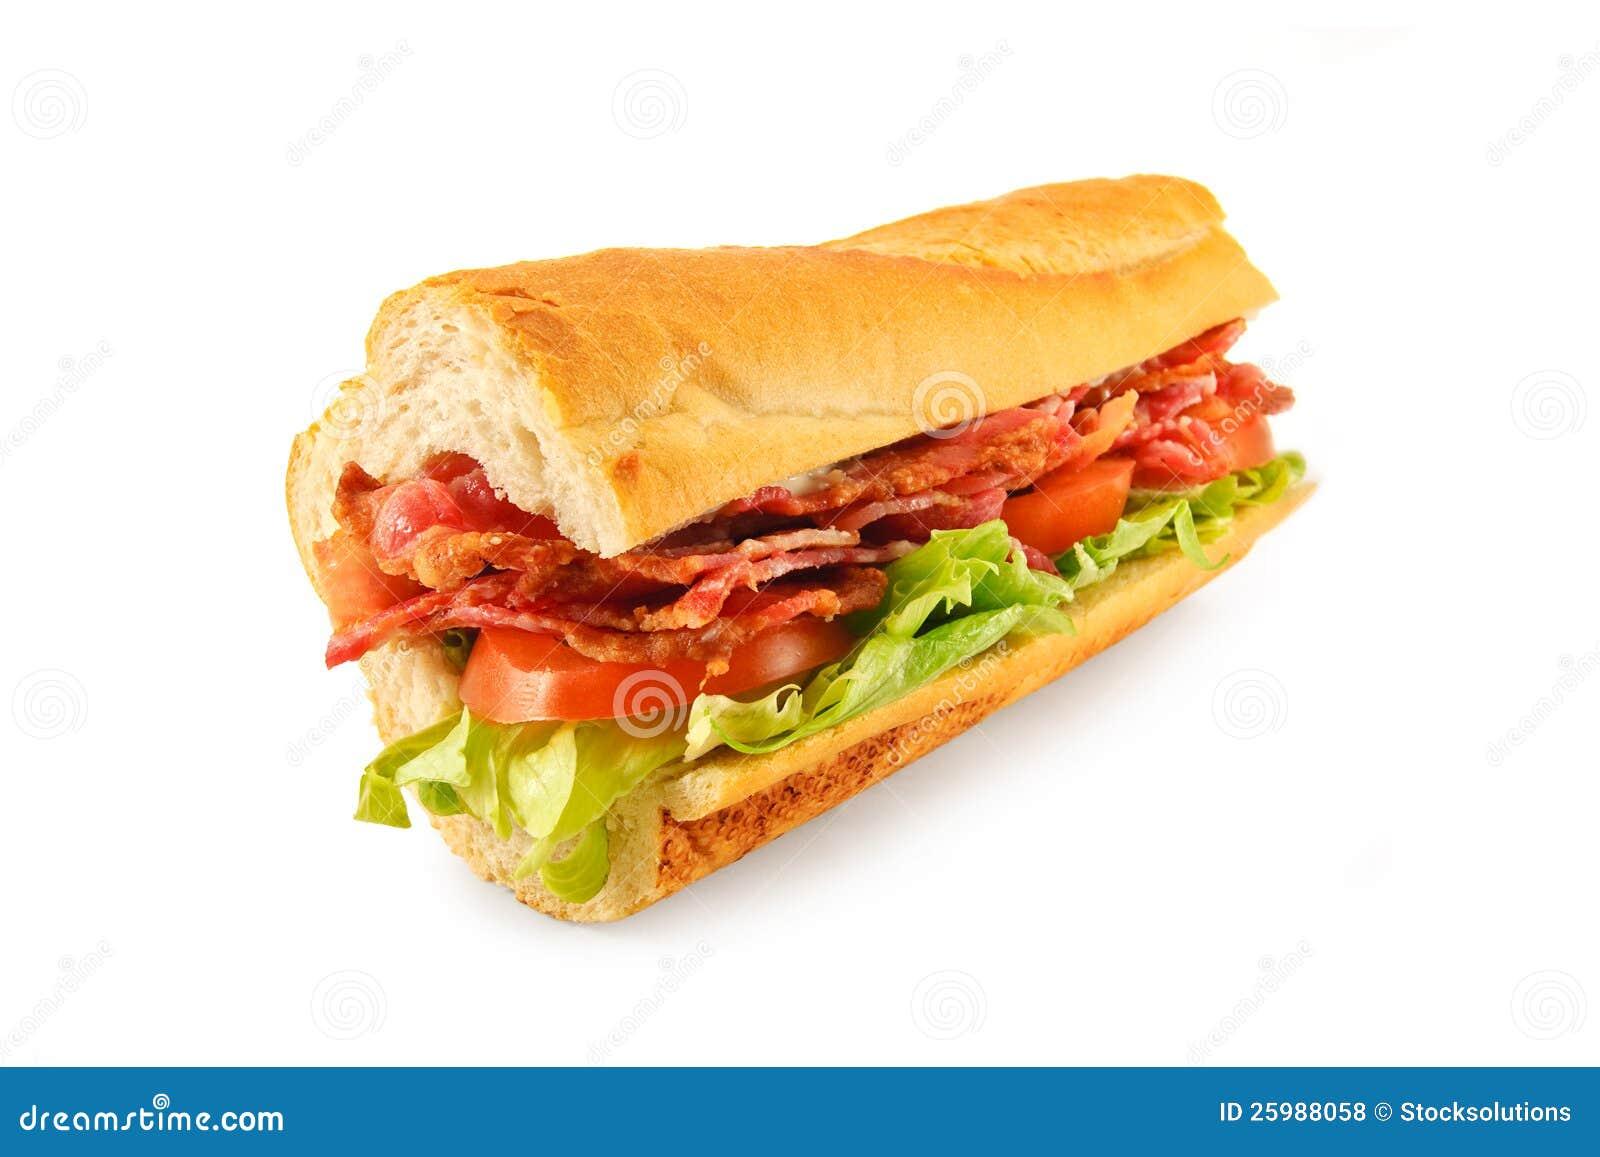 blt sandwich baguette royalty free stock photos image 25988058 sub sandwich clipart free sub sandwich clip art images